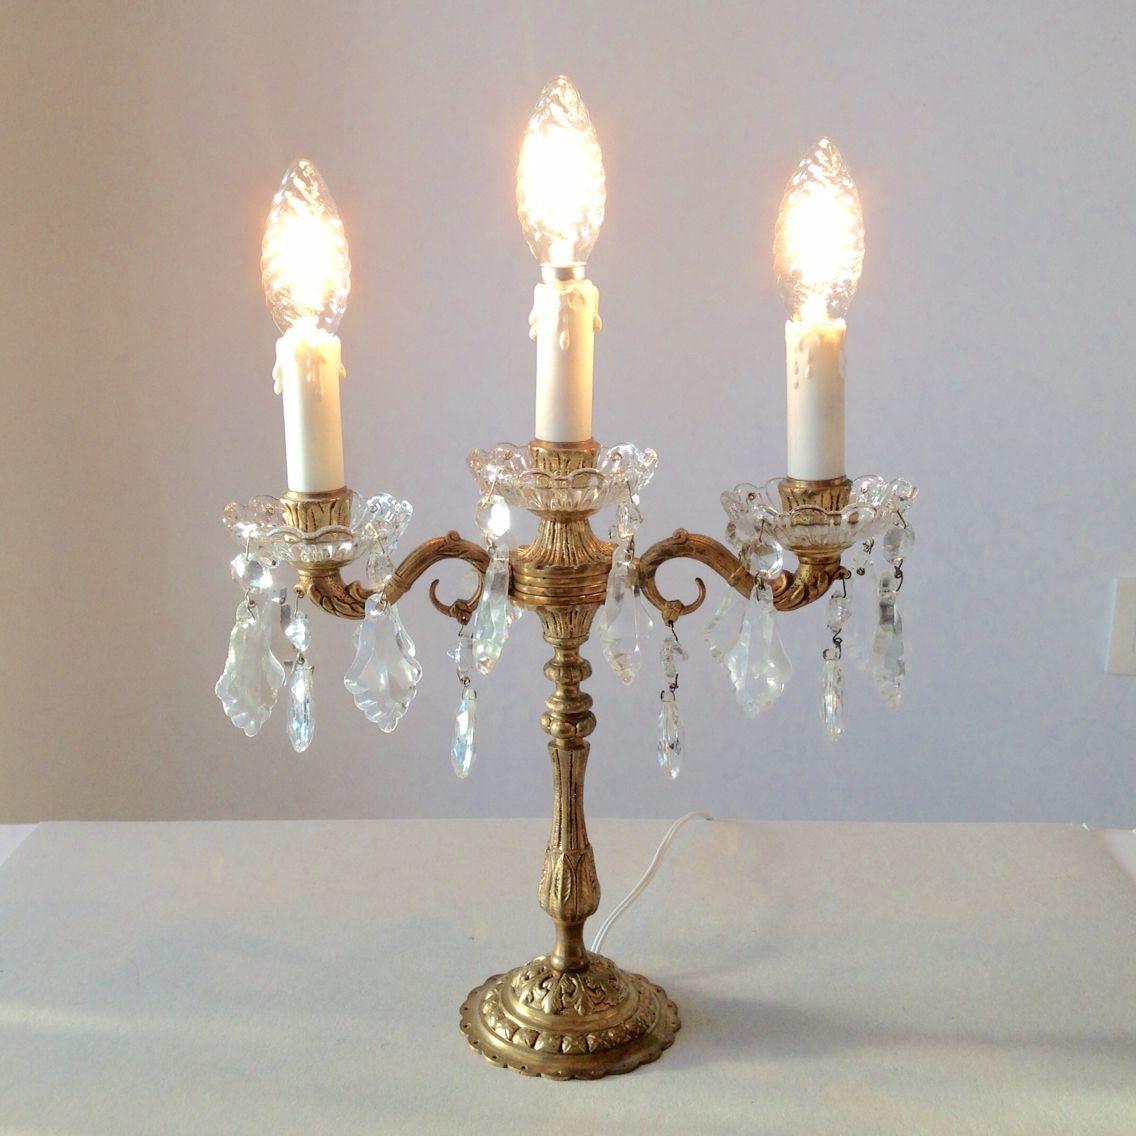 Vintage crystal candelabra chandelier lamp restored and re wired vintage crystal candelabra chandelier lamp restored and re wired solid bronze and crystal aloadofball Choice Image